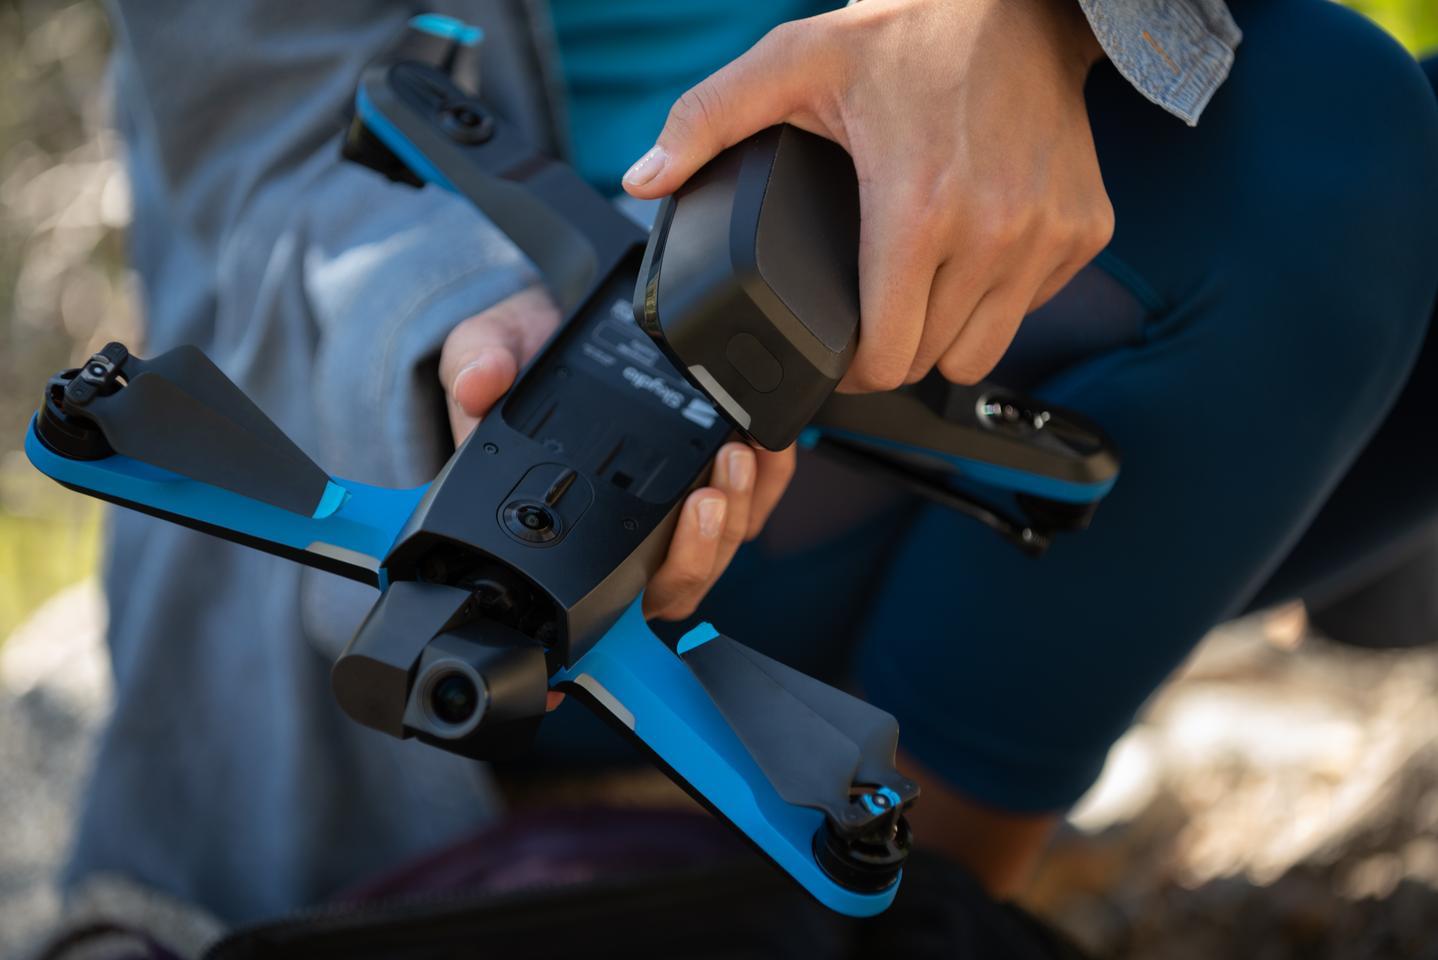 La fotocamera 4K / 60p / 12-mp offre un sensore Sony con un'eccellente gamma dinamica